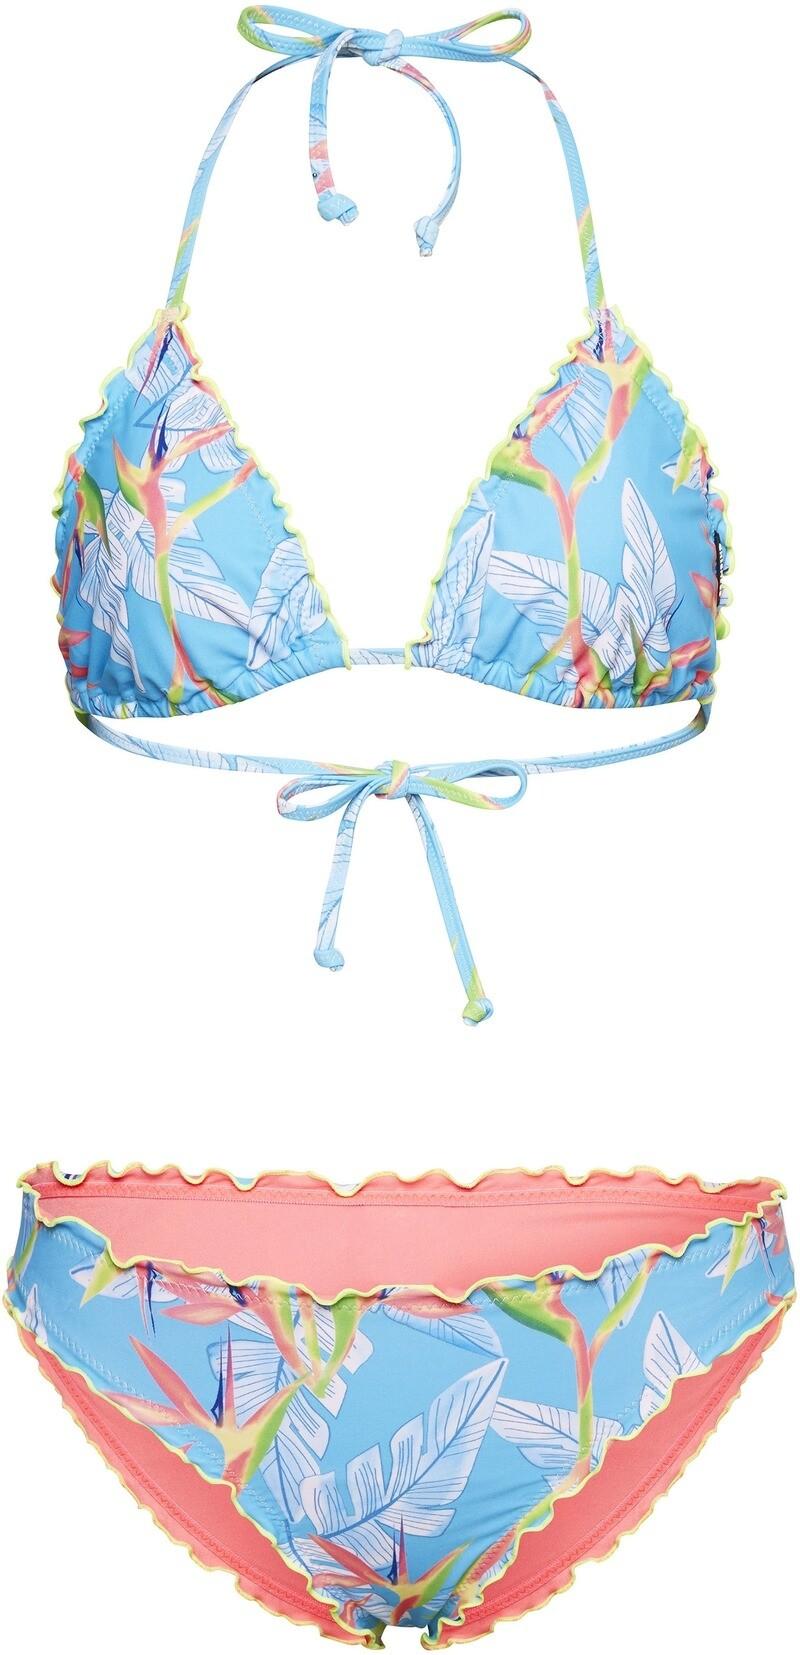 CHIEMSEE Damen Bikini Ivette Light Blue / White